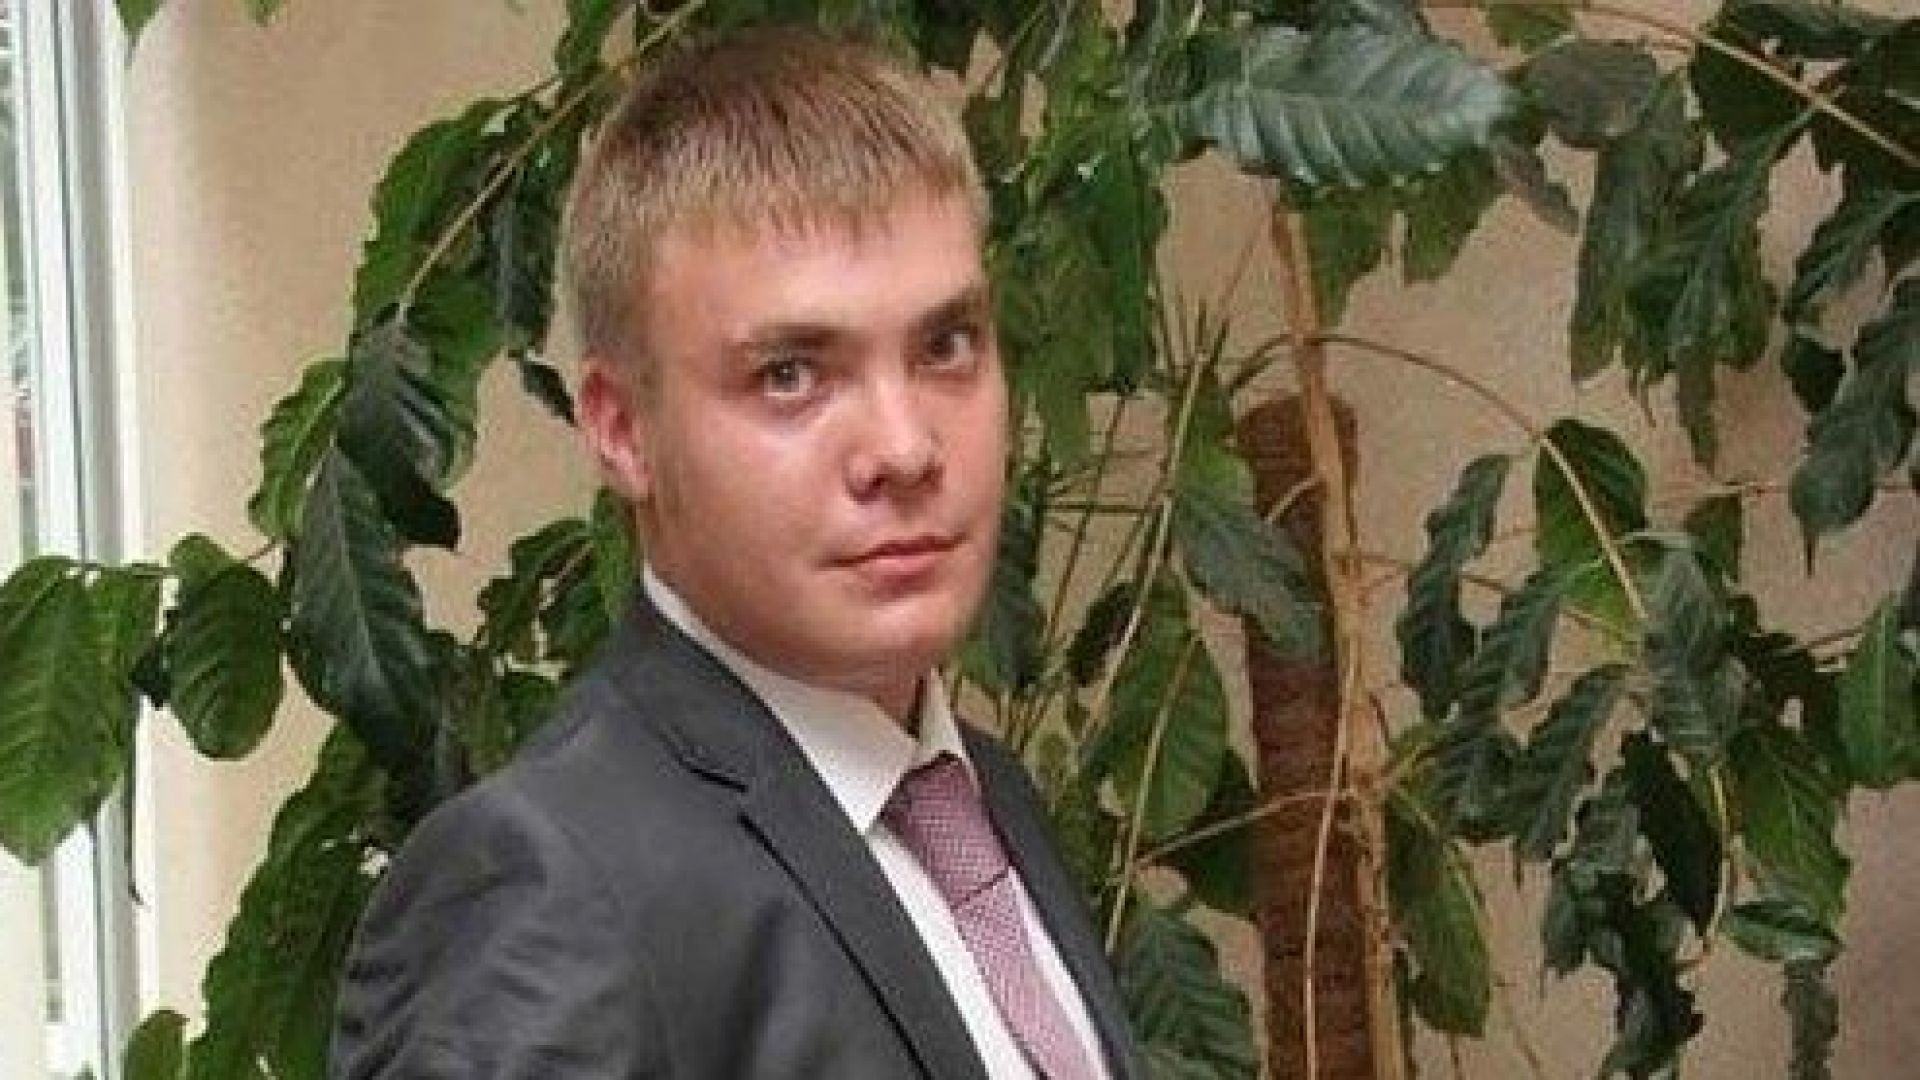 Самоубийство или инцидент е загадъчната смърт на телохранителя на Путин